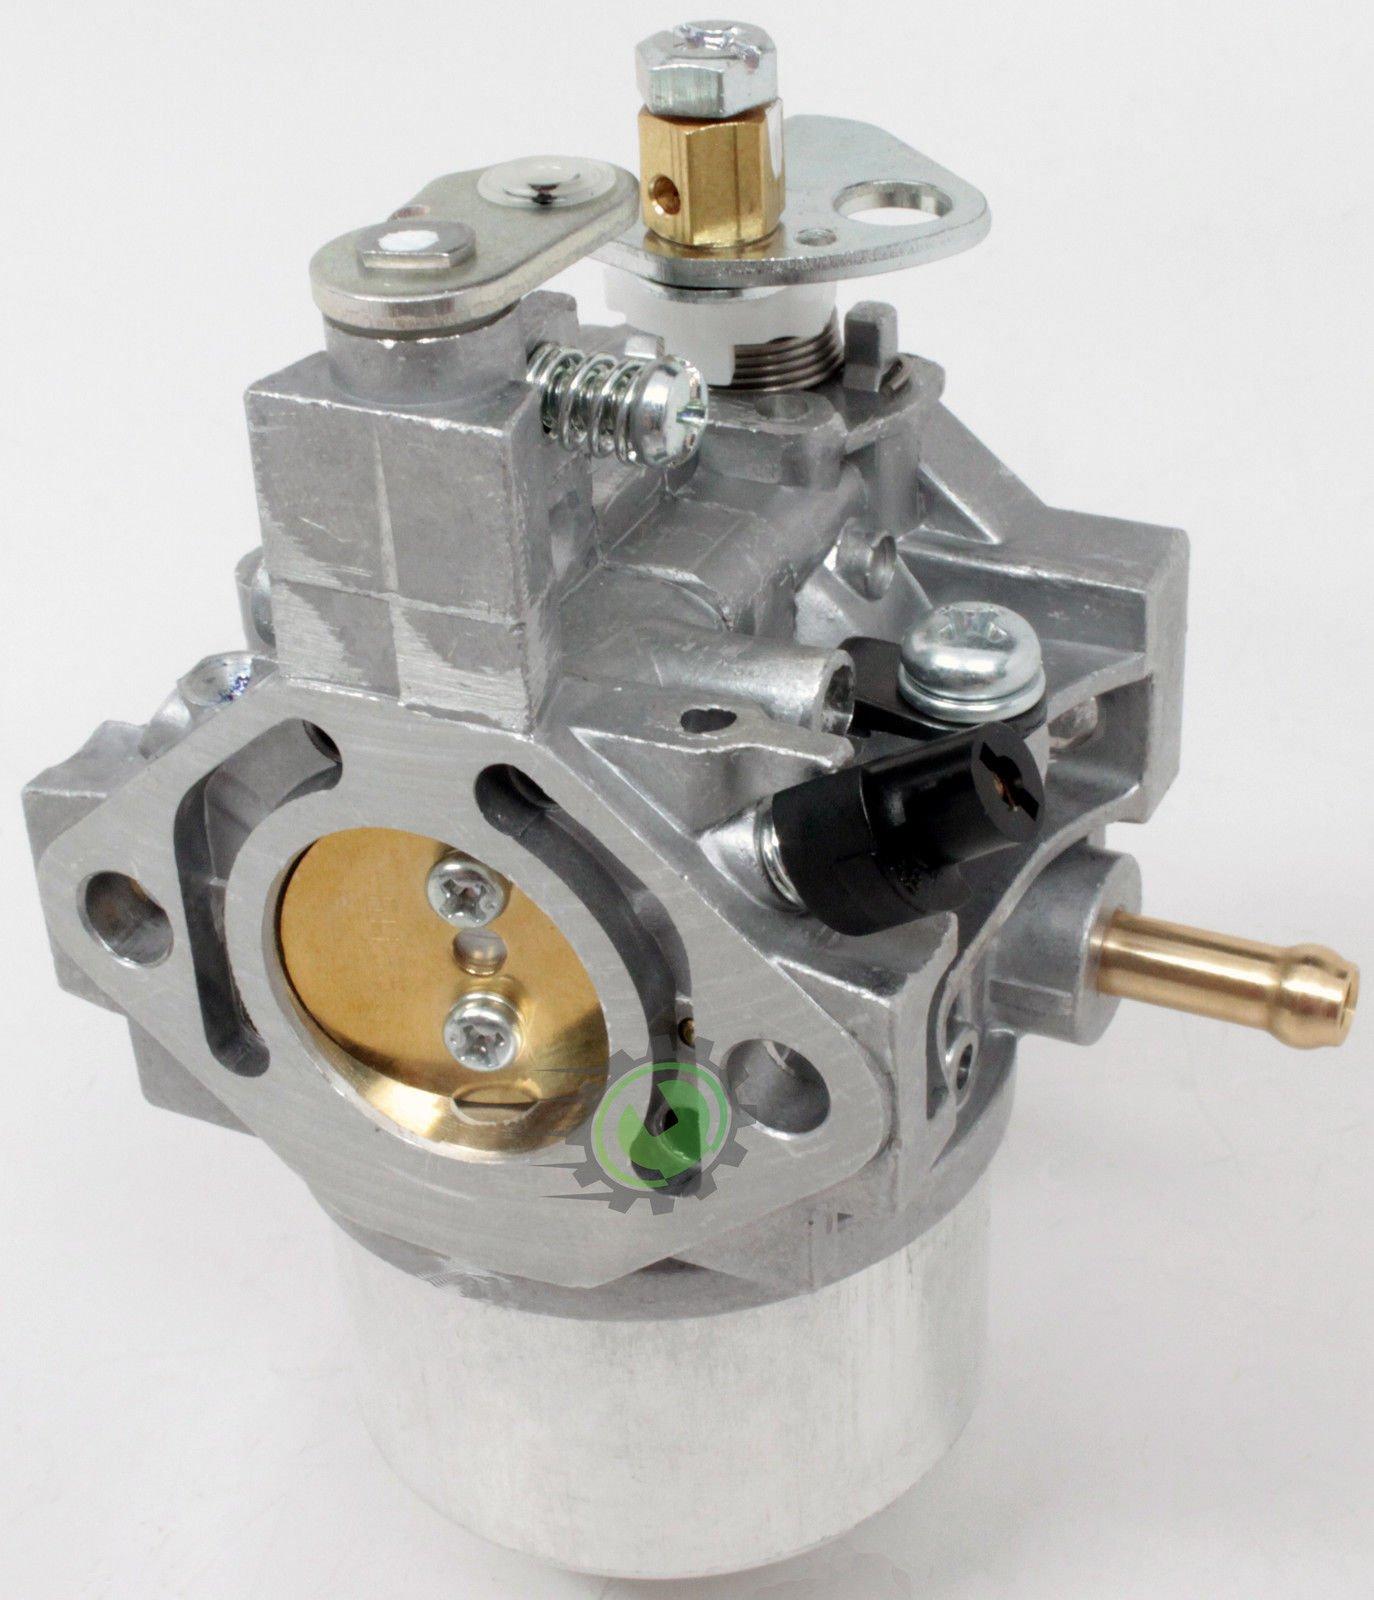 Carburetor-Assy - 15003-2589